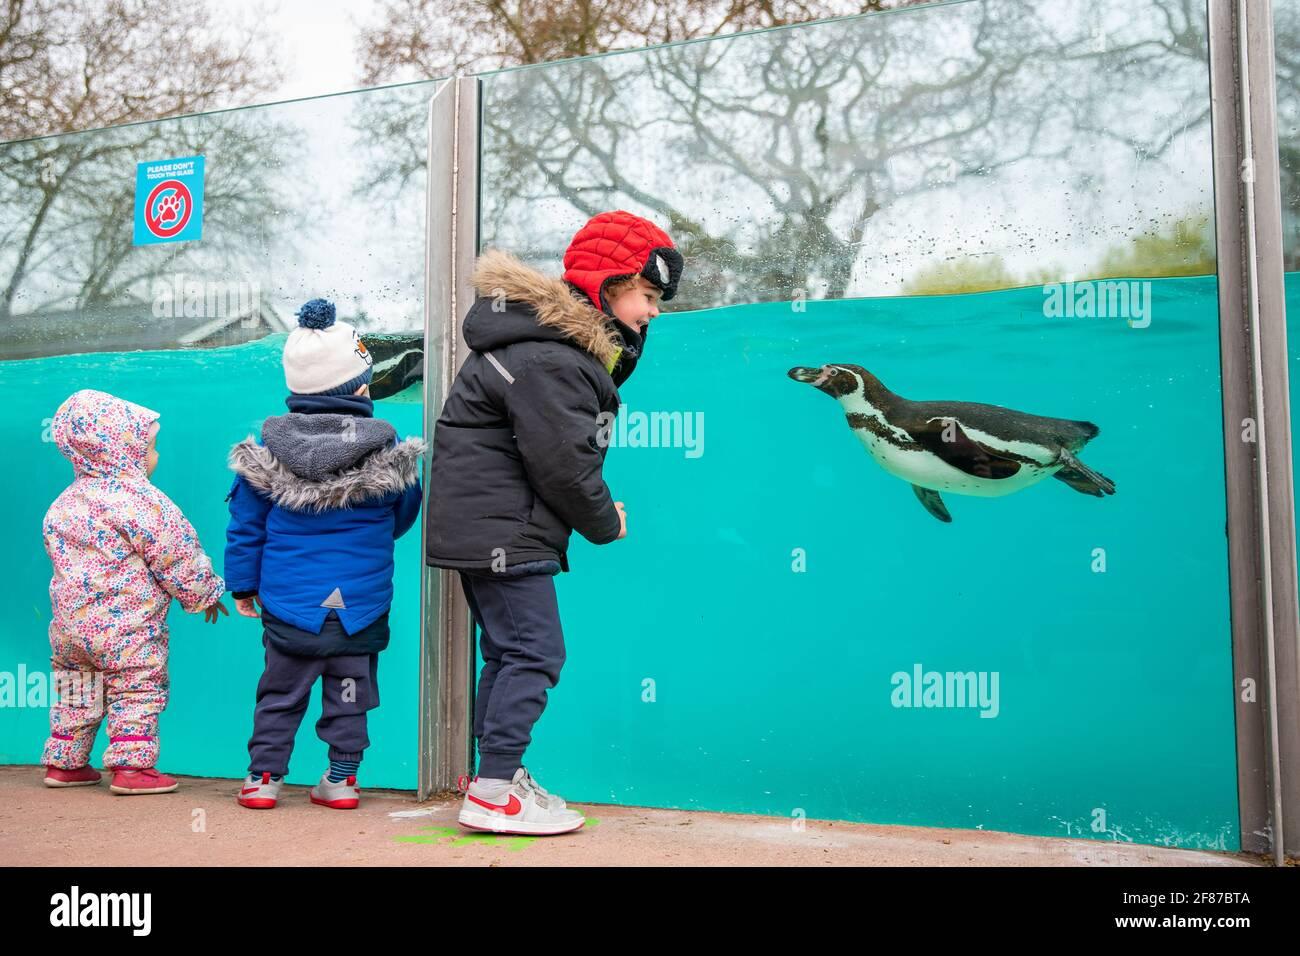 Los niños visitan a los pingüinos en el Zoo de Londres en Regent's Park, Londres, ya que Inglaterra da otro paso atrás hacia la normalidad con la mayor relajación de las restricciones de bloqueo. Fecha de la foto: Lunes 12 de abril de 2021. Foto de stock